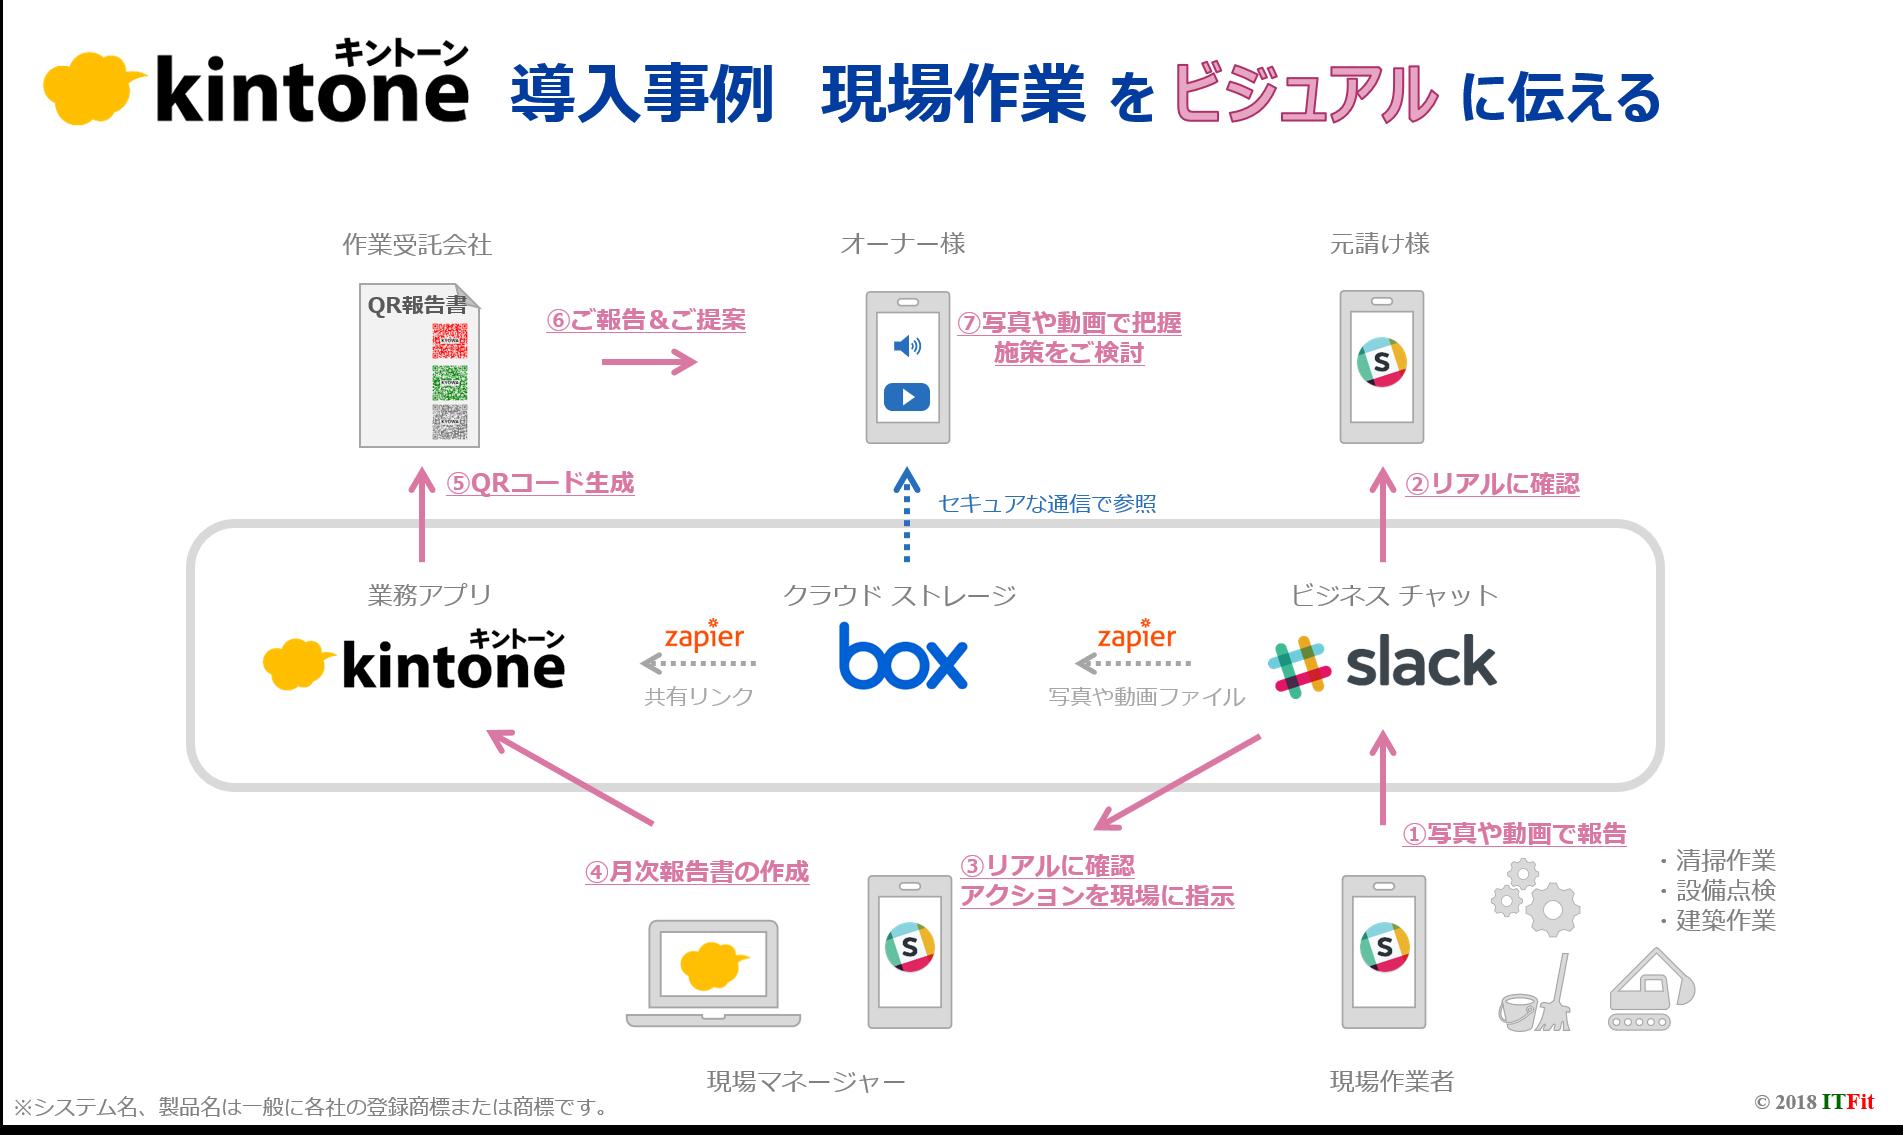 kintone_box_slack_事例